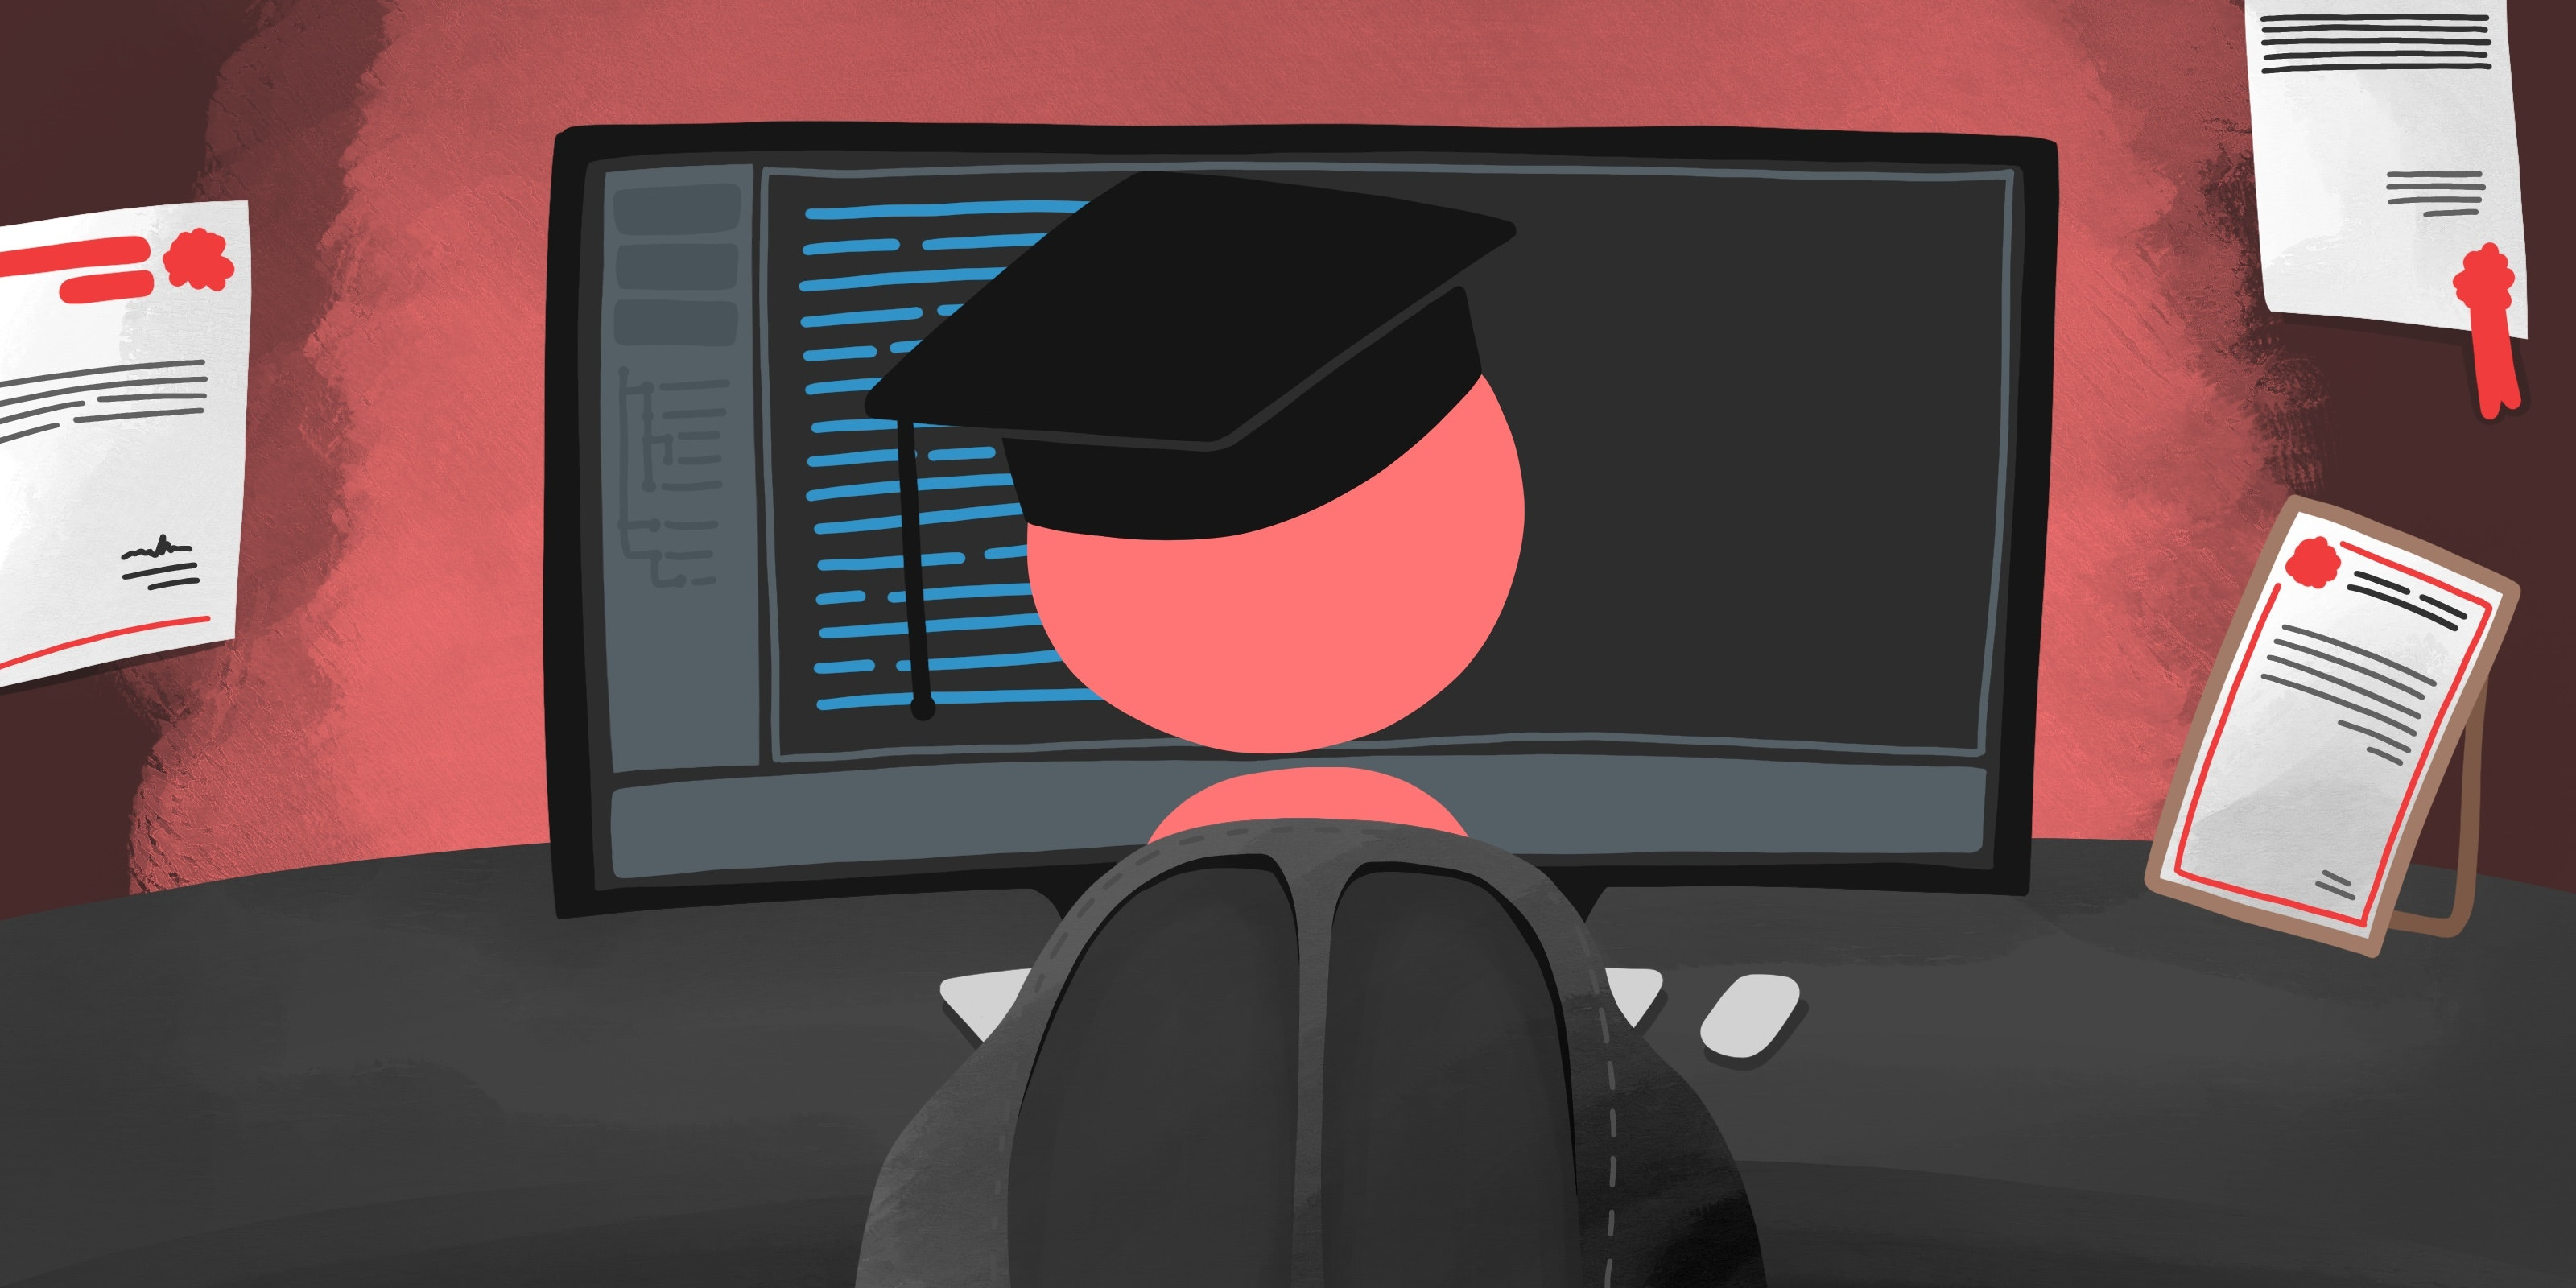 Czy programiści po studiach mają lepiej? cover image